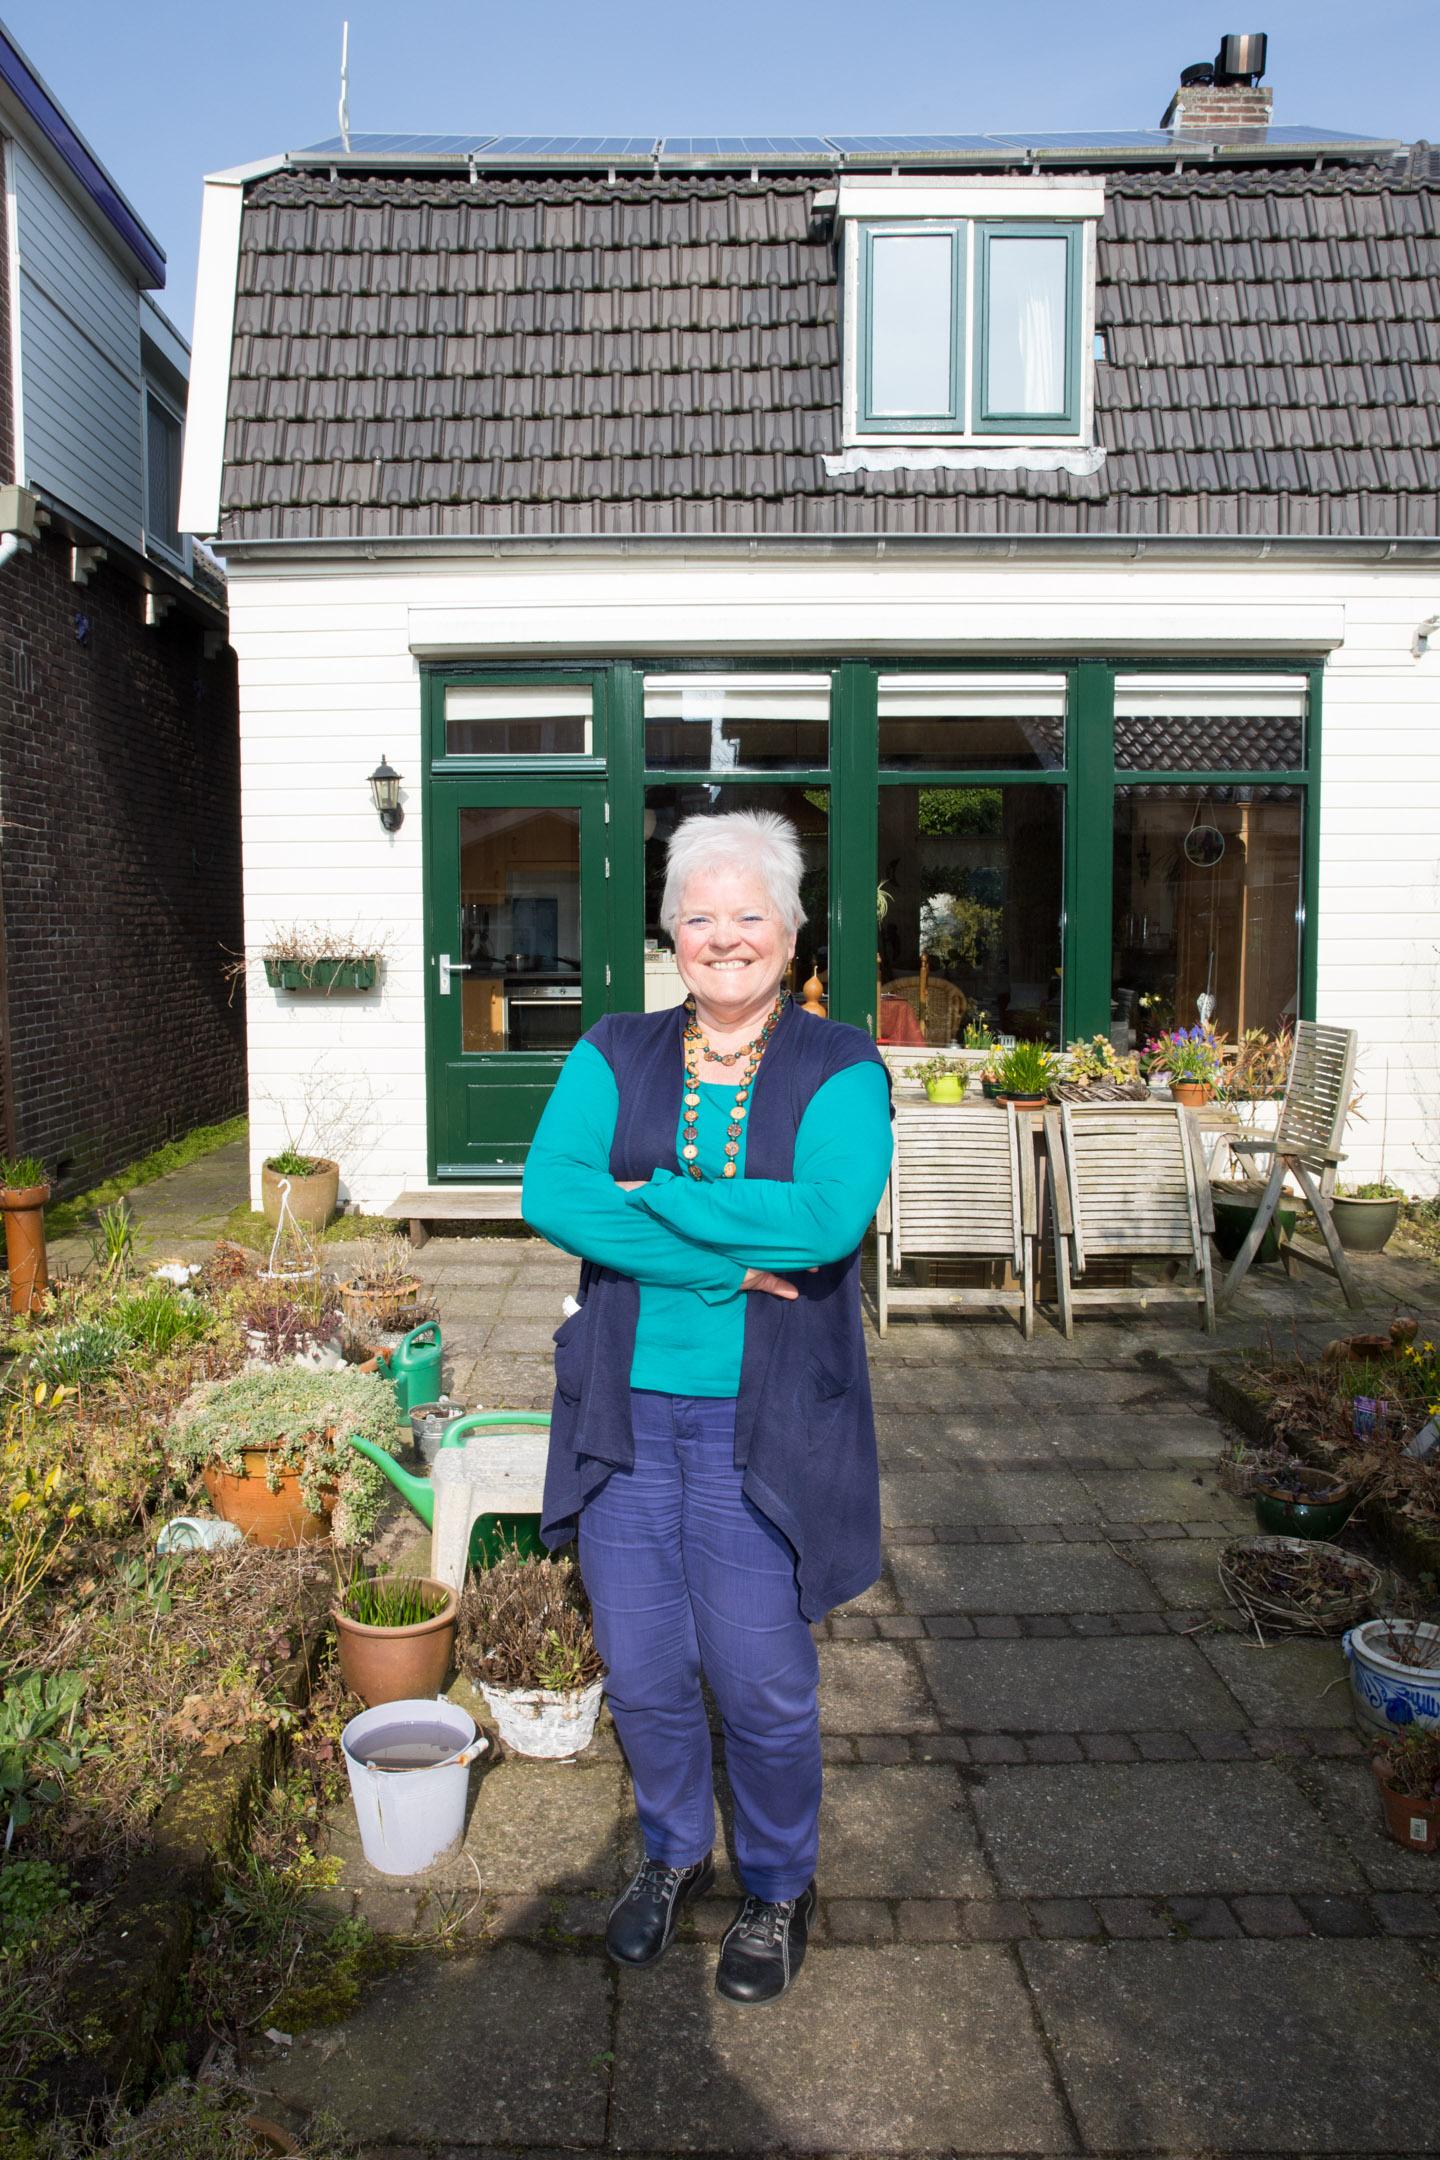 Energieneutraal-huis-woonwijk-wonen-thuisbaas-credit-Chantal-Bekker-GraphicAlert-45-zonnepanelen-dak